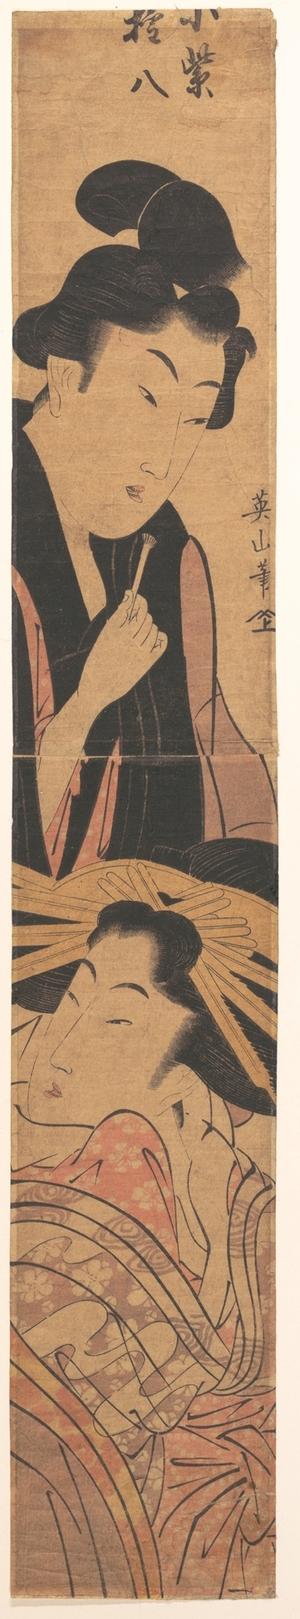 菊川英山: Man and Girl - メトロポリタン美術館